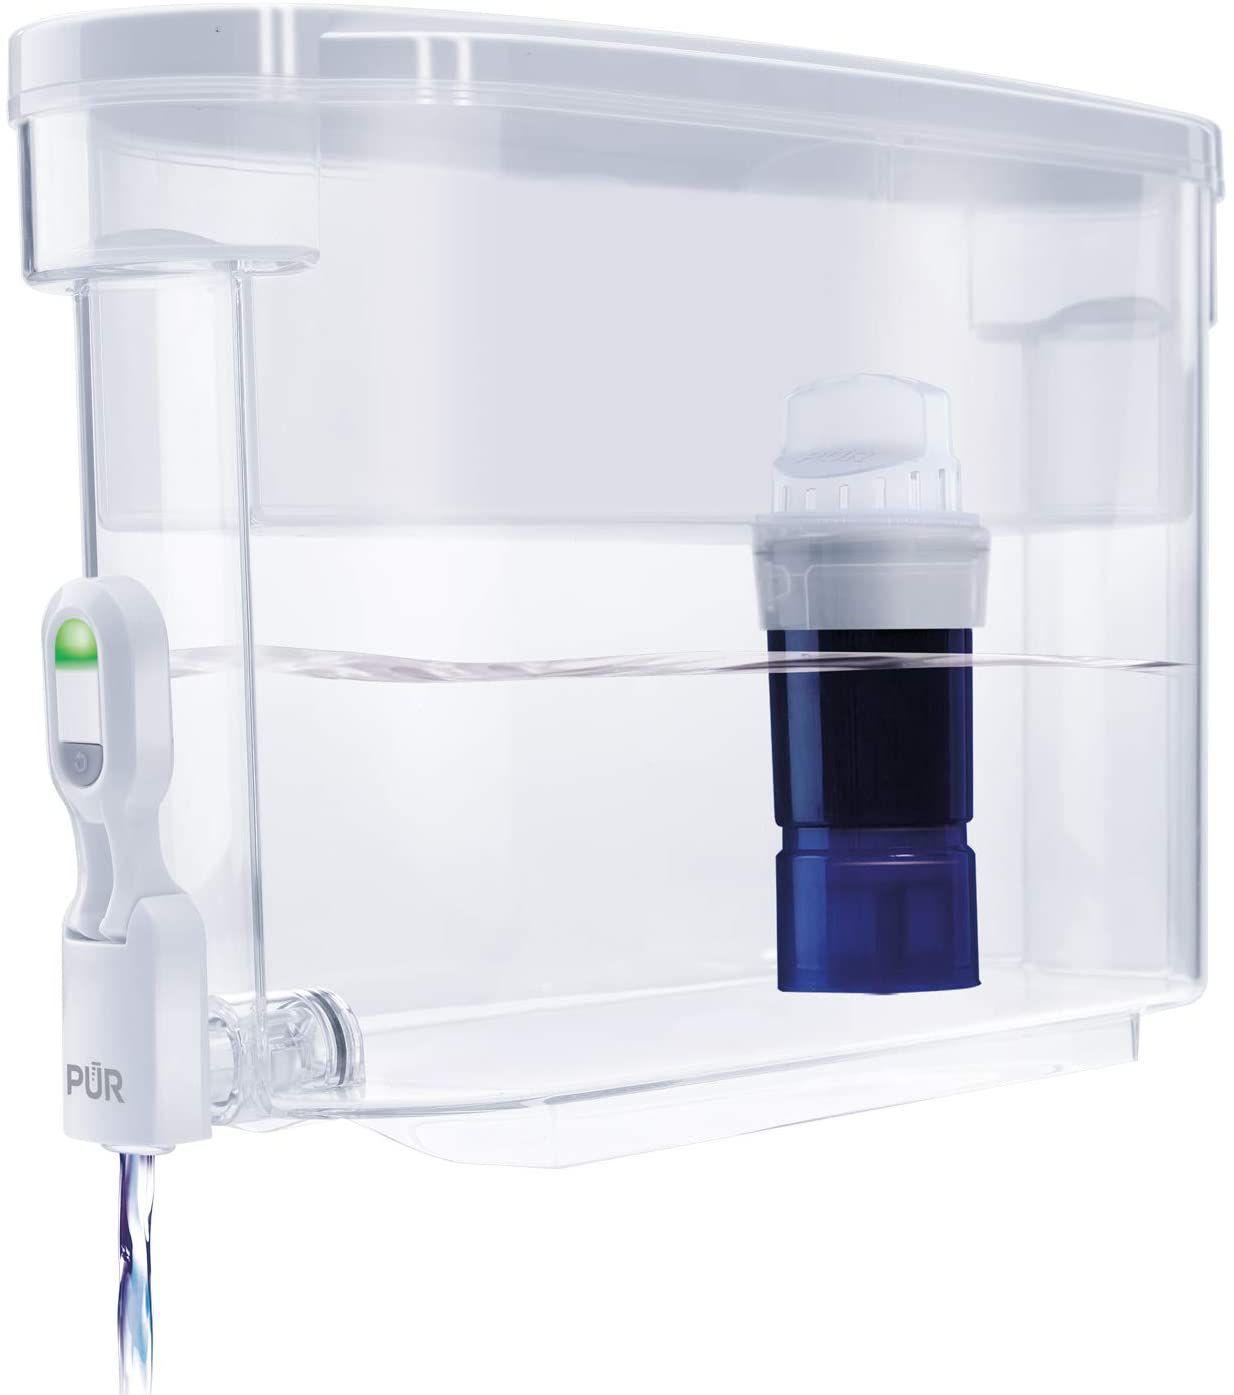 pur-ultimate-water-dispenser